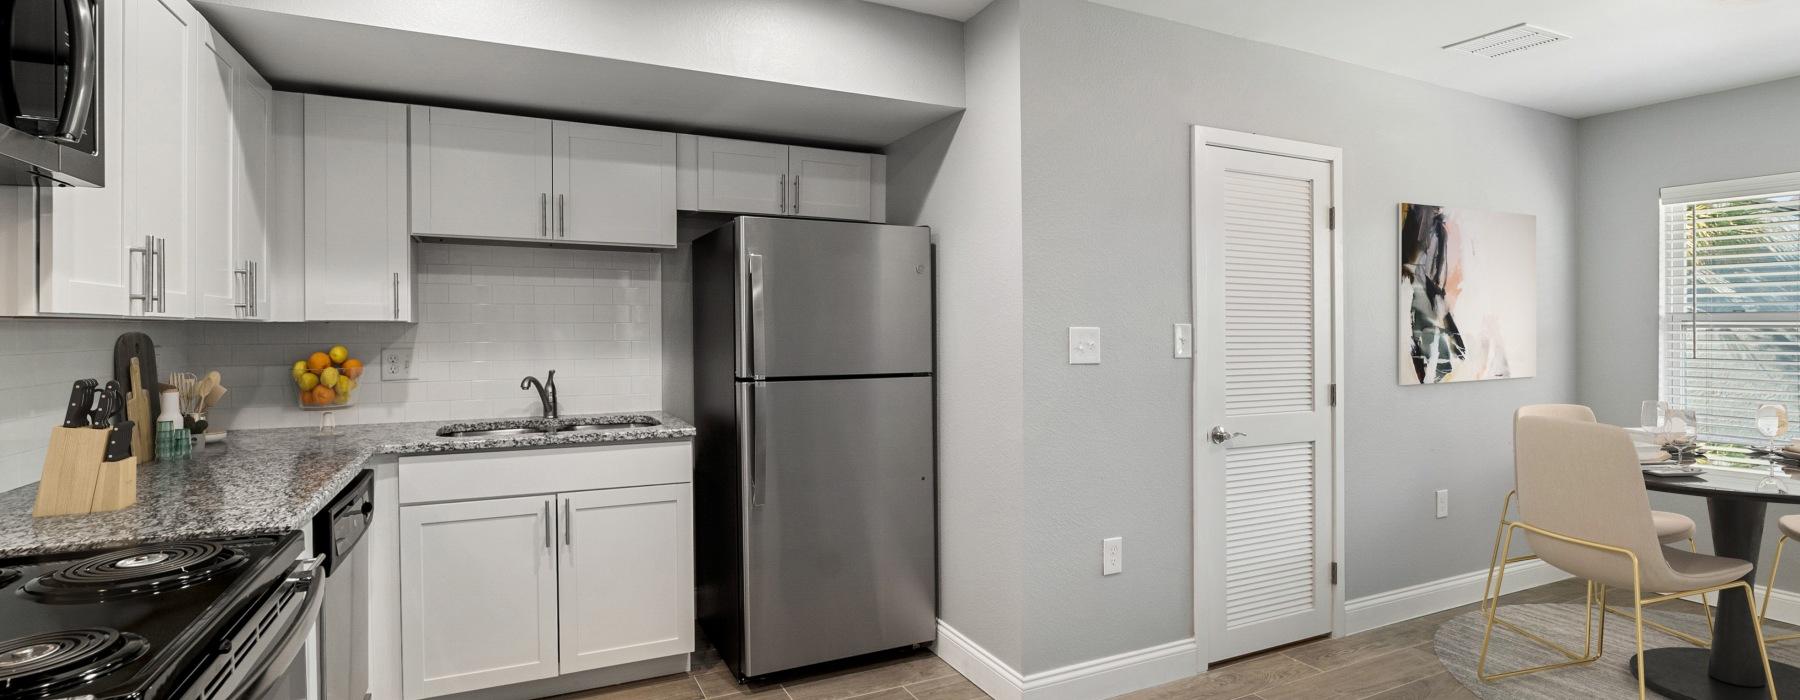 Modern kitchen at Royal Isles Apartments in Orlando